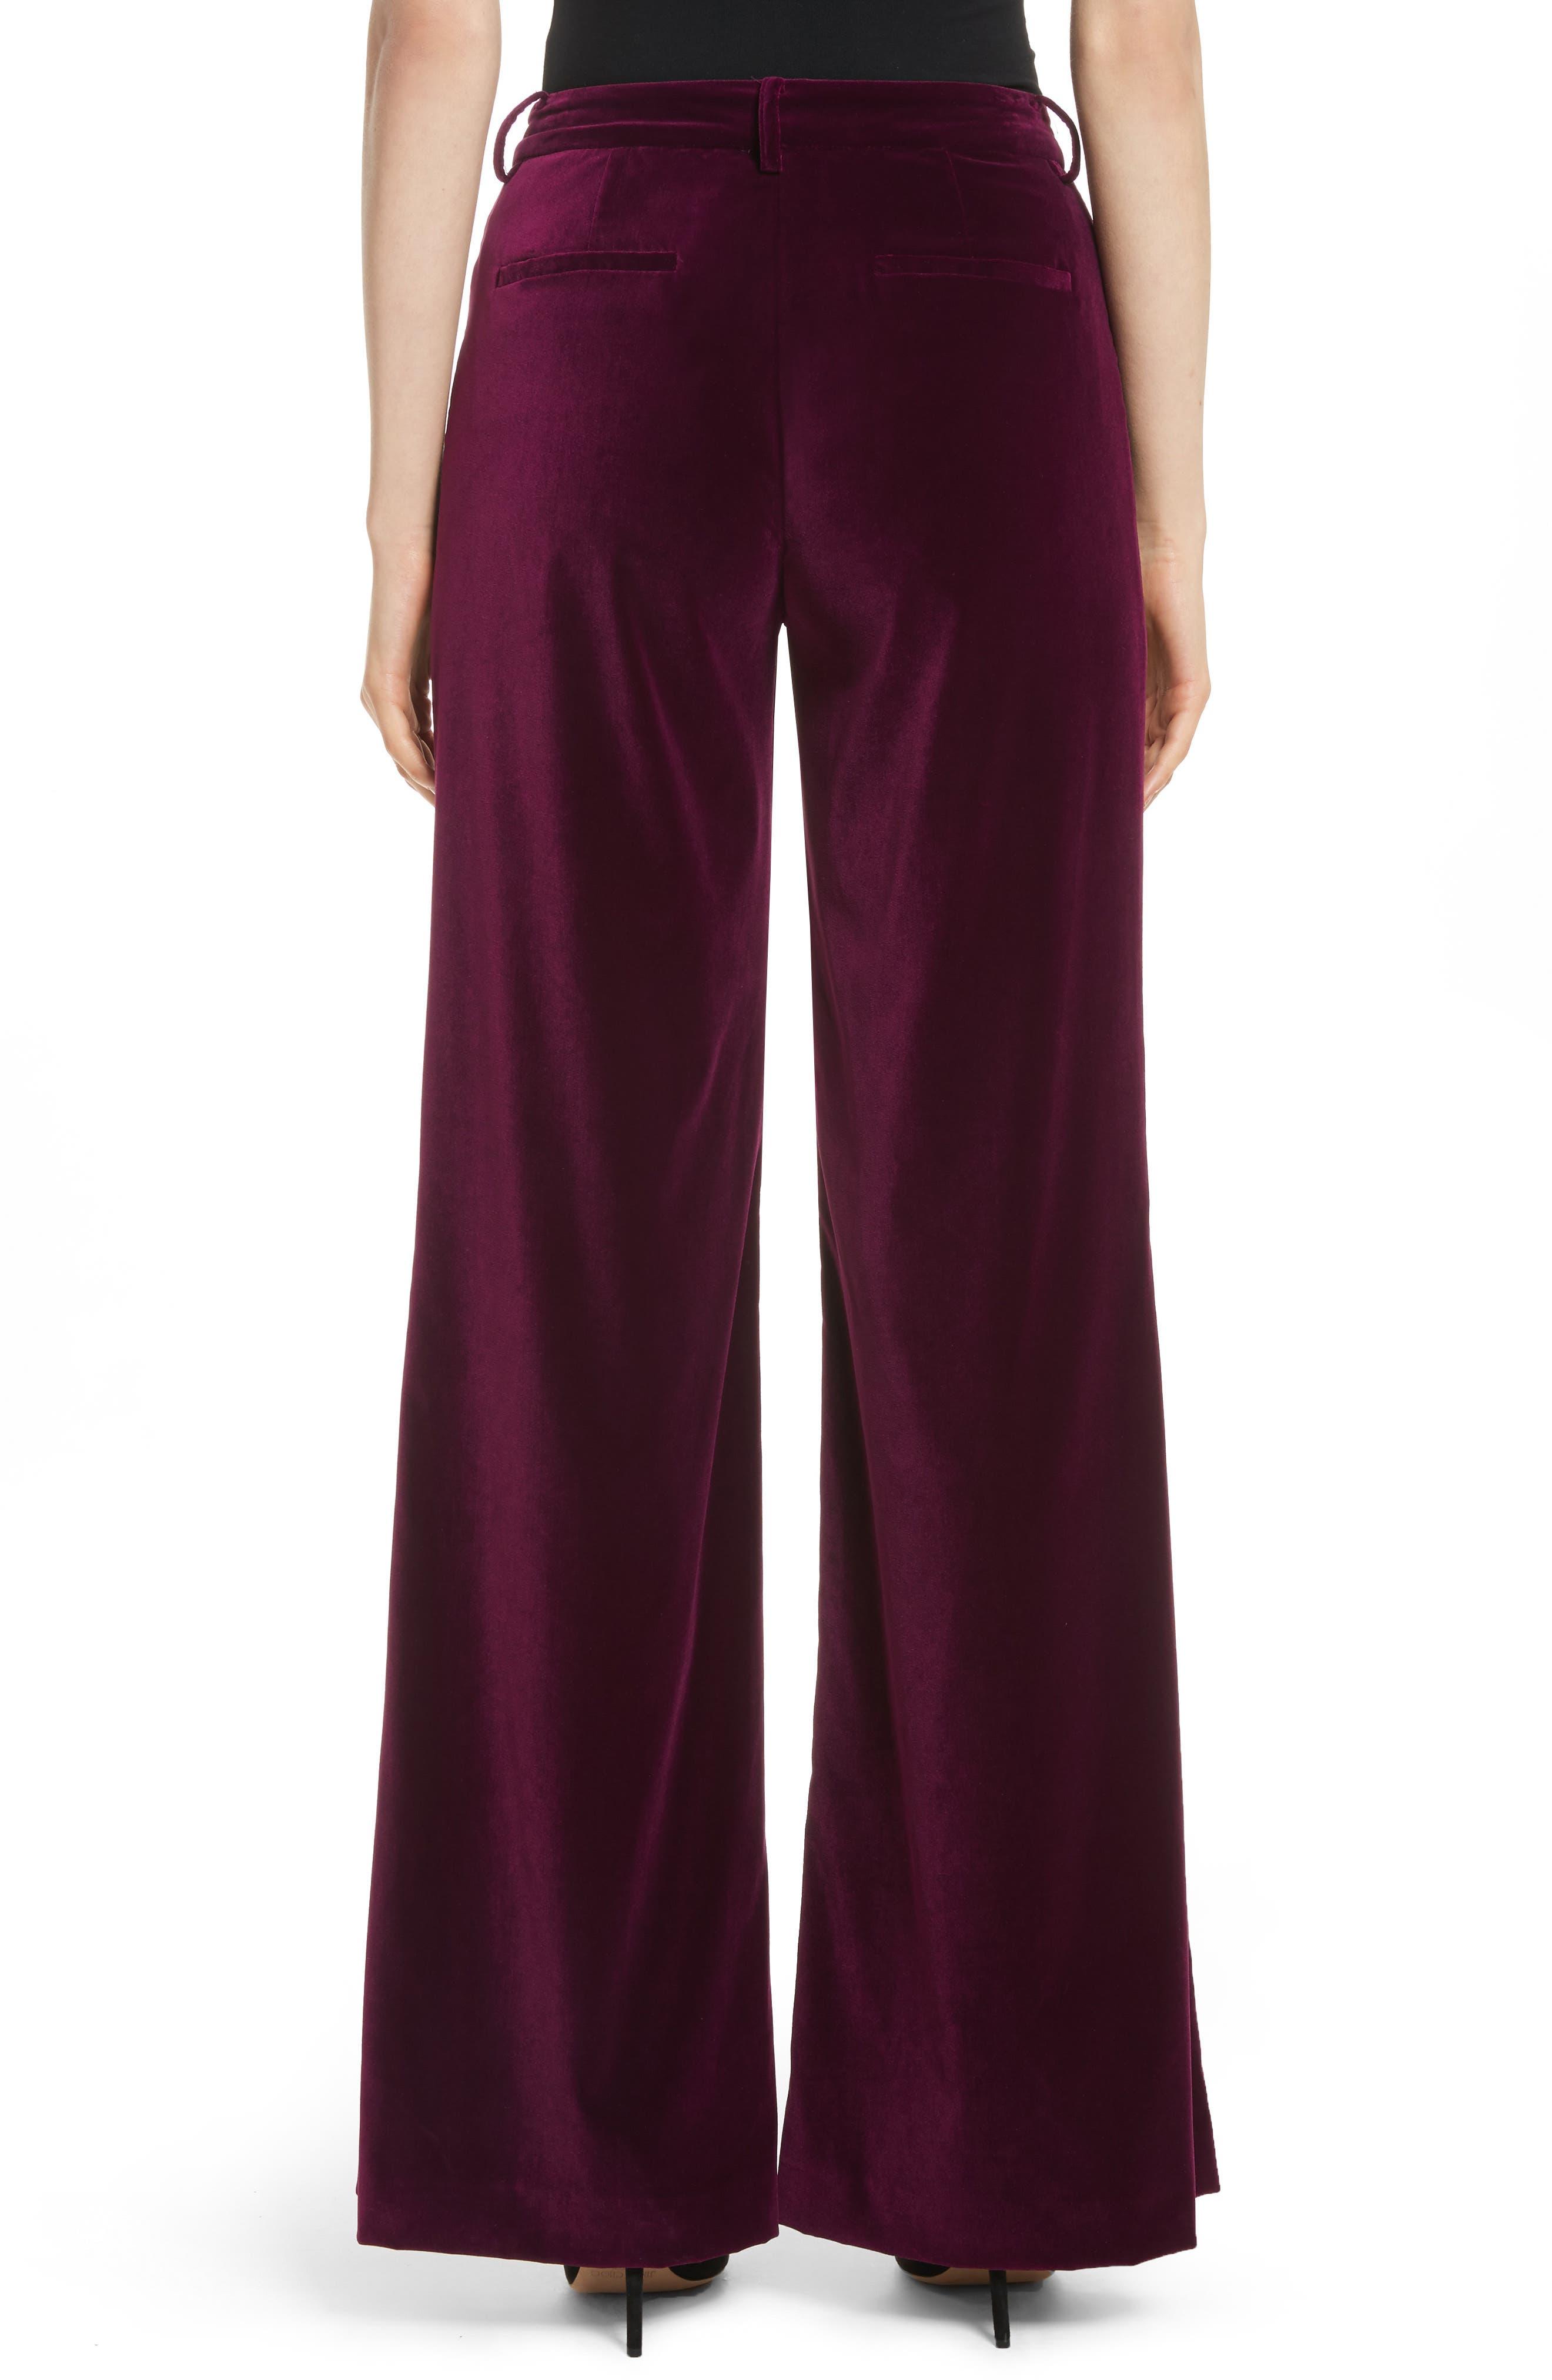 Paulette Velvet Tuxedo Pants,                             Alternate thumbnail 2, color,                             934